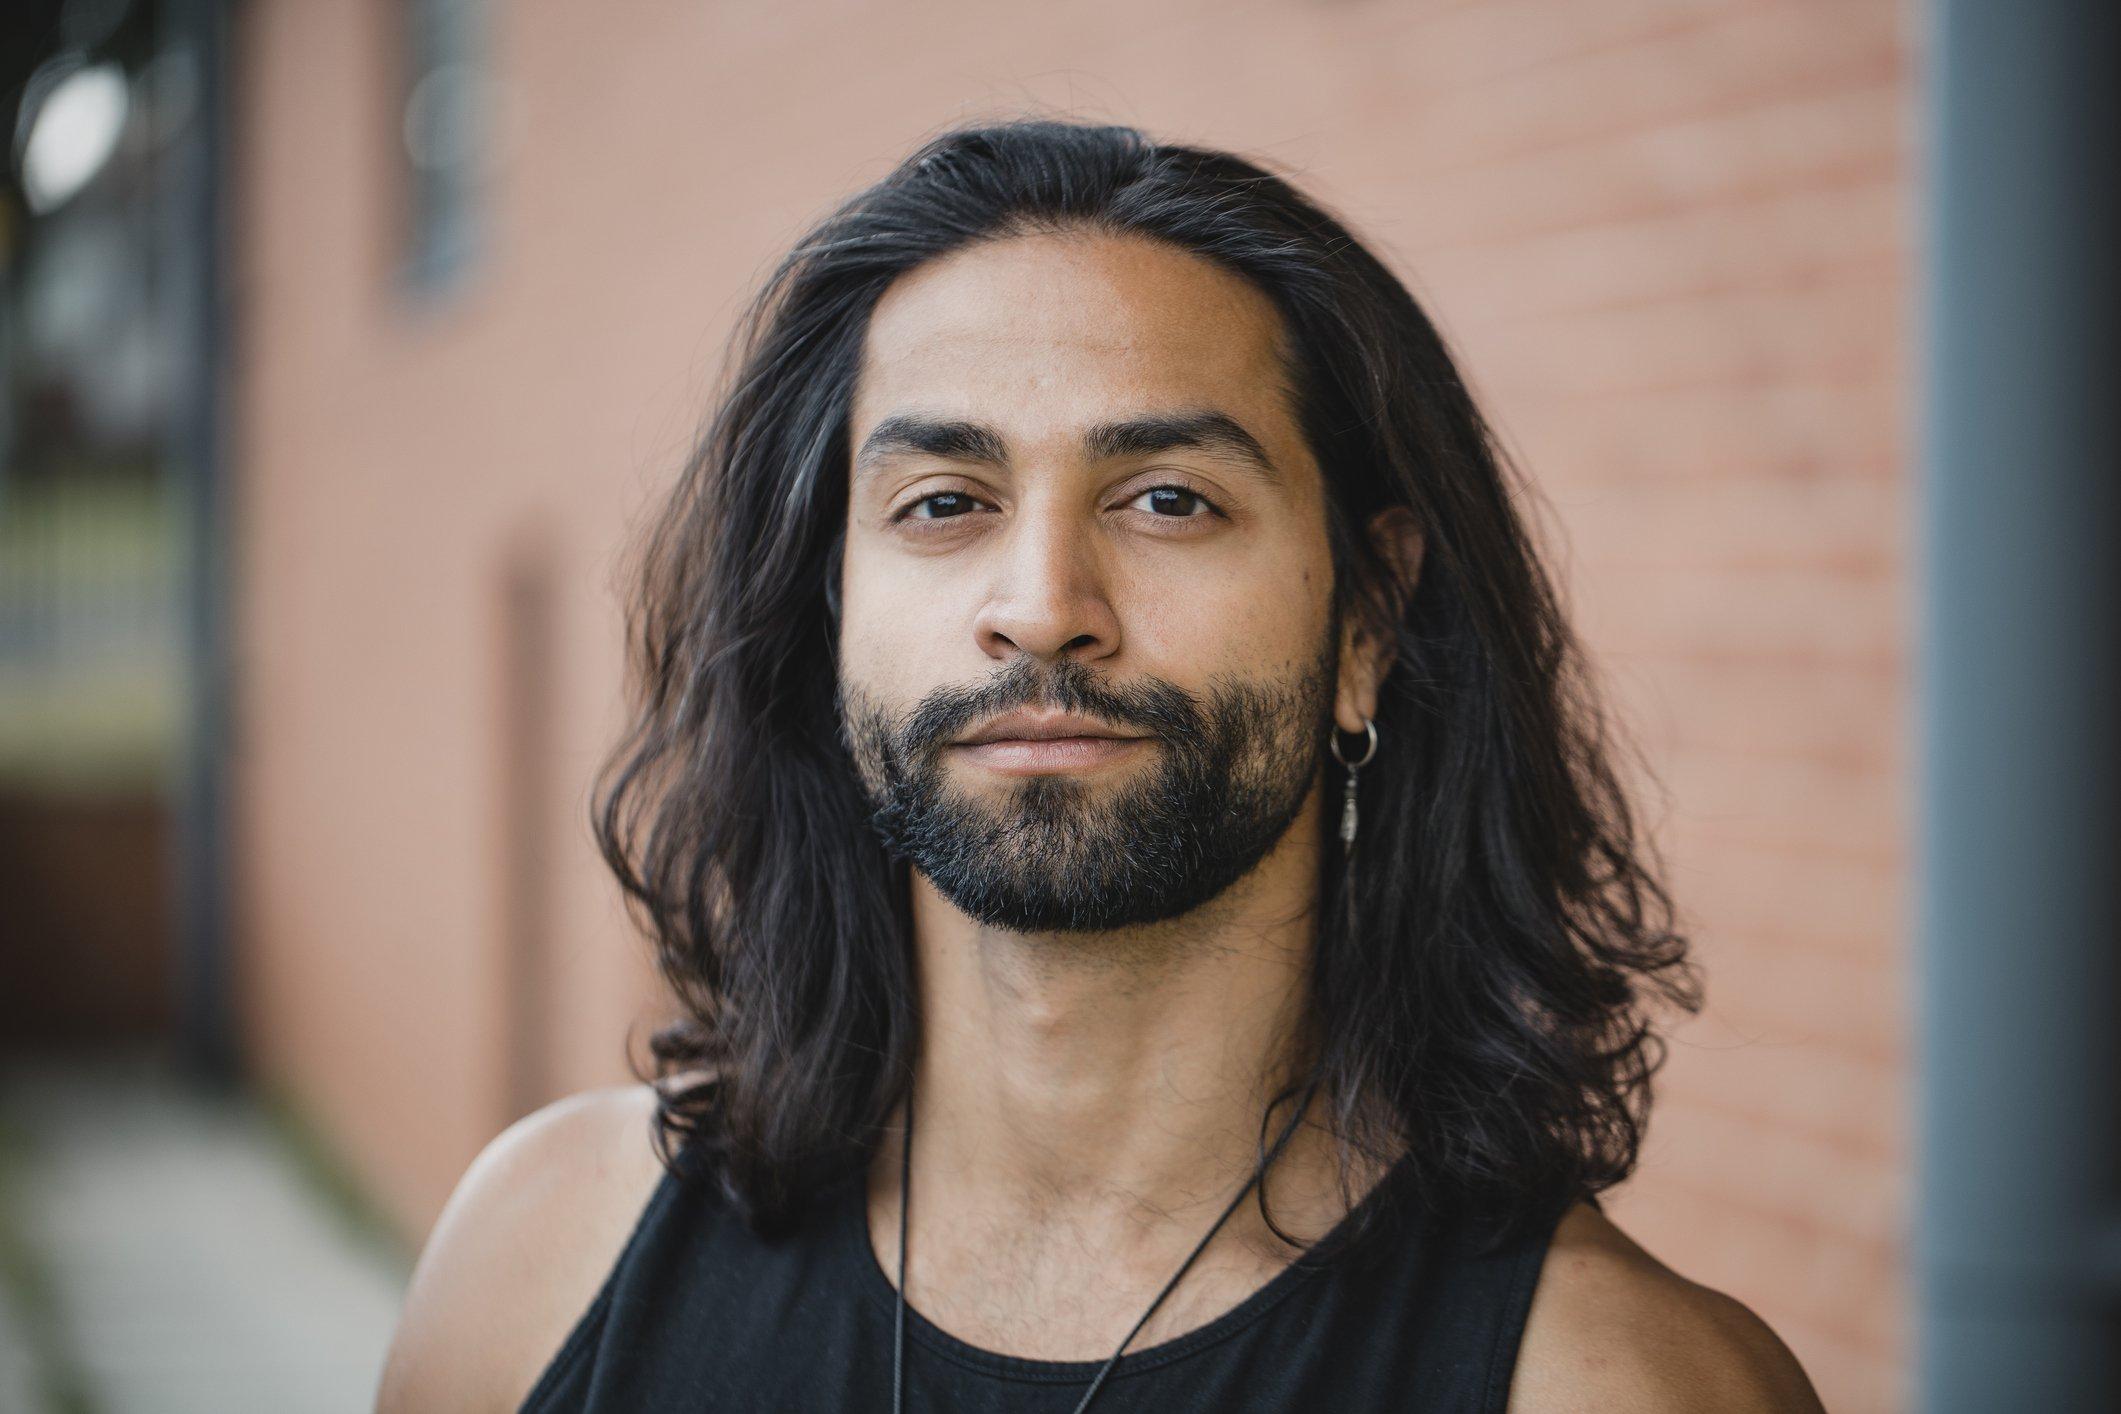 Kurze, gewellte, lange oder gar keine Haare & Bart ?